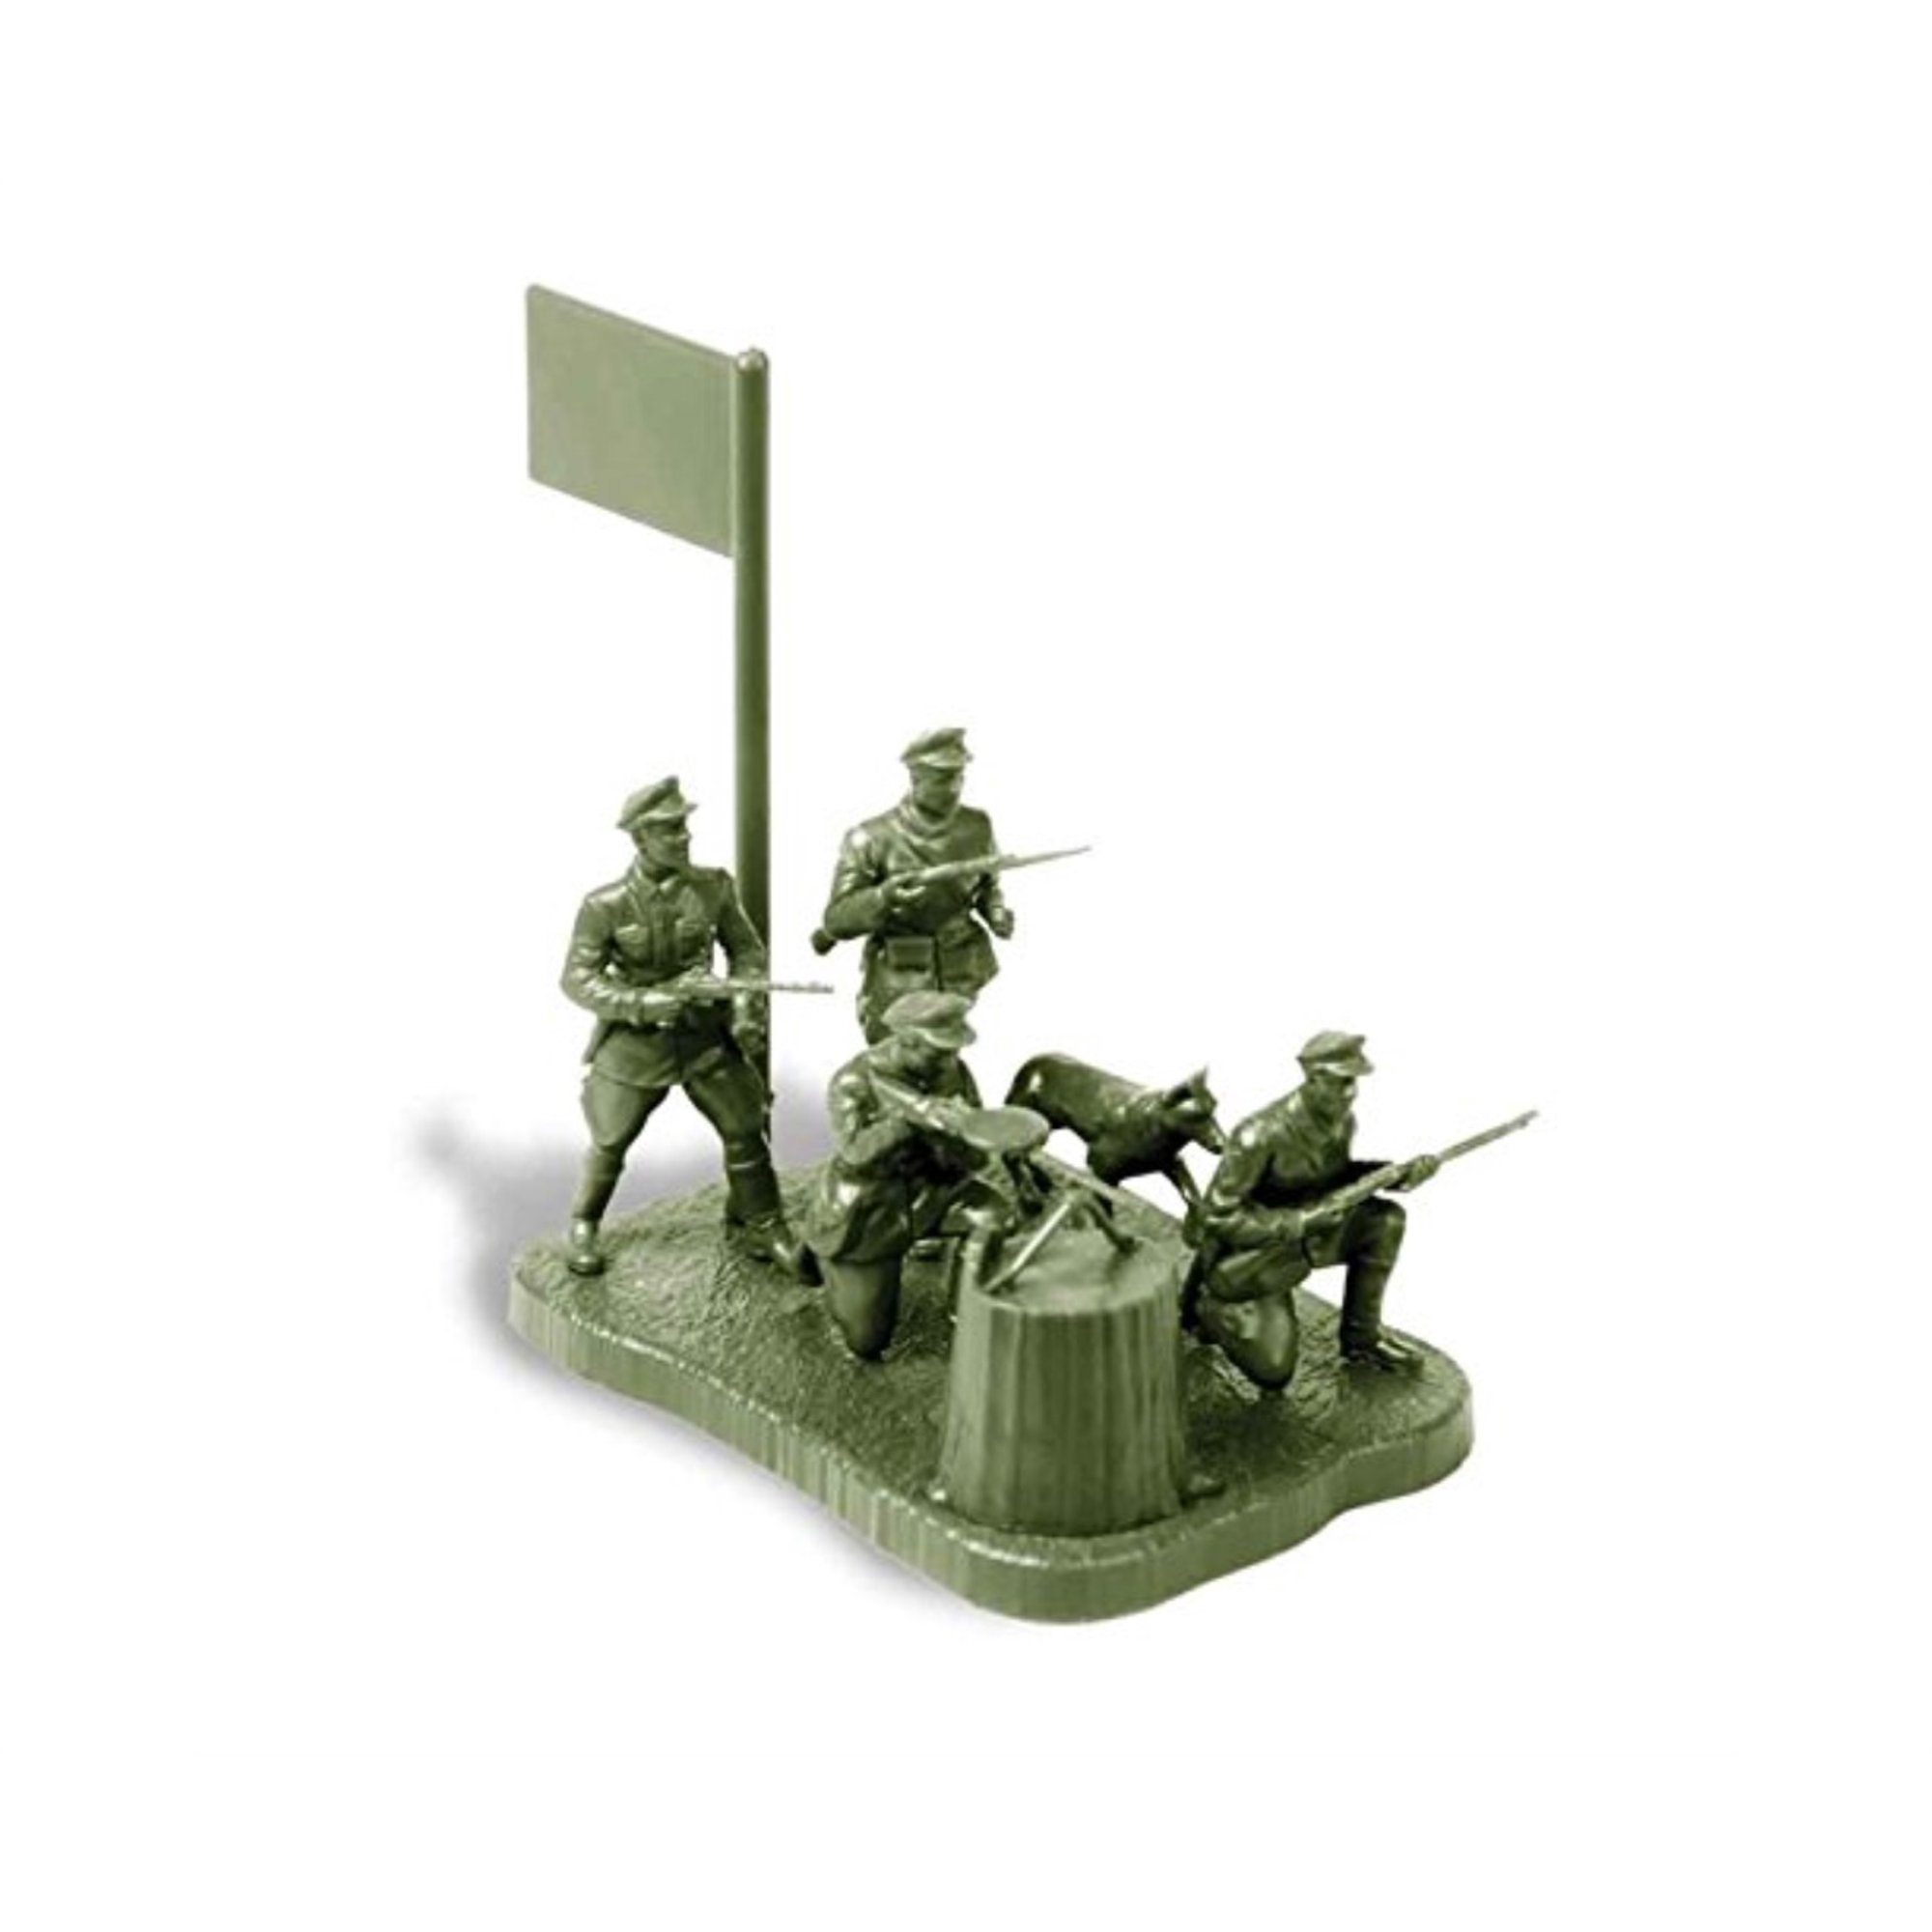 Zvezda Models Soviet Frontier Guards Model Kit (1/72 Scale)